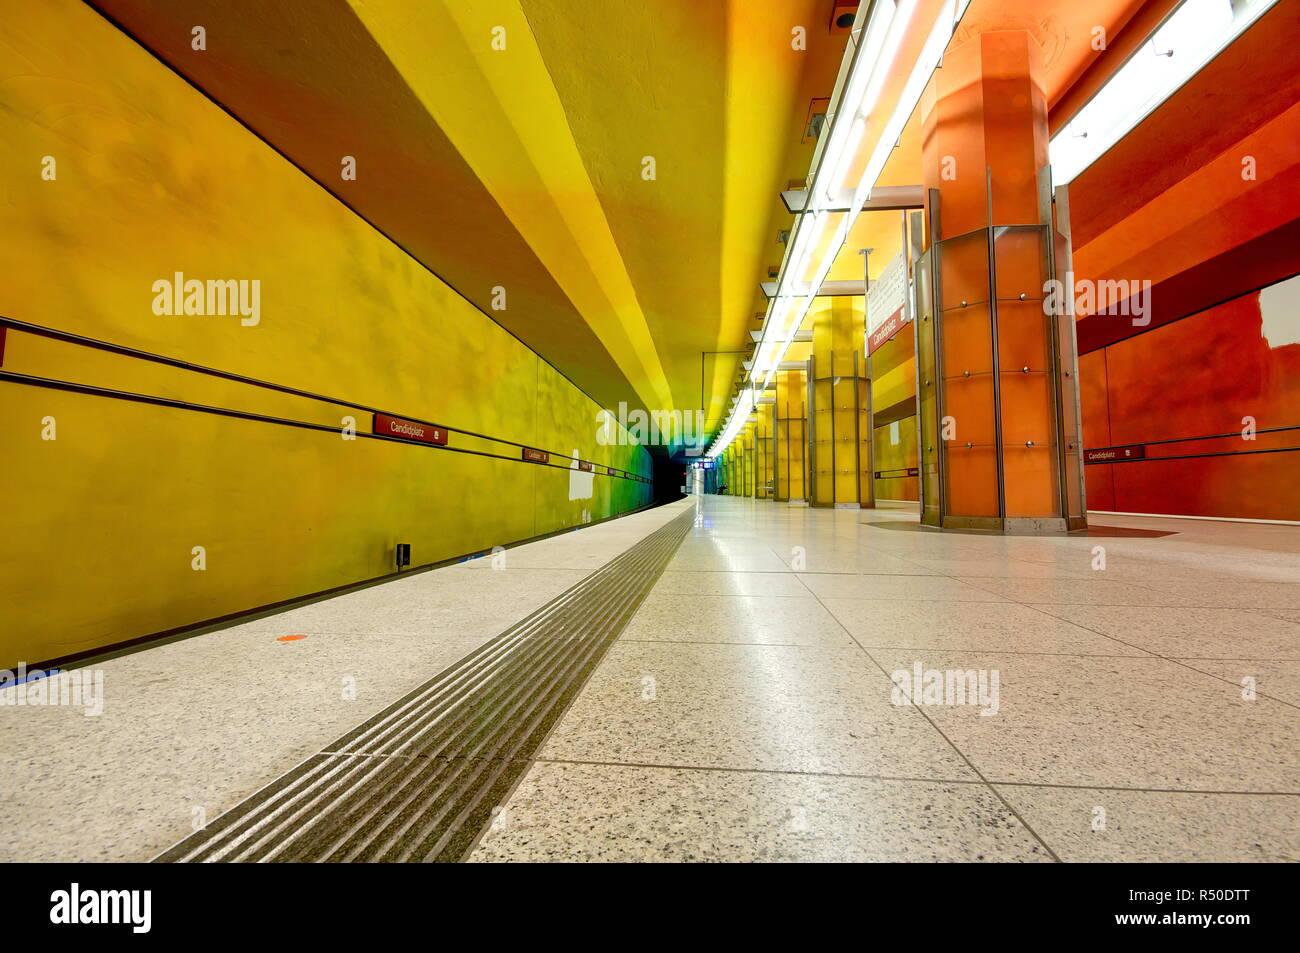 Candidplatz subway station in Munich, Germany Stock Photo